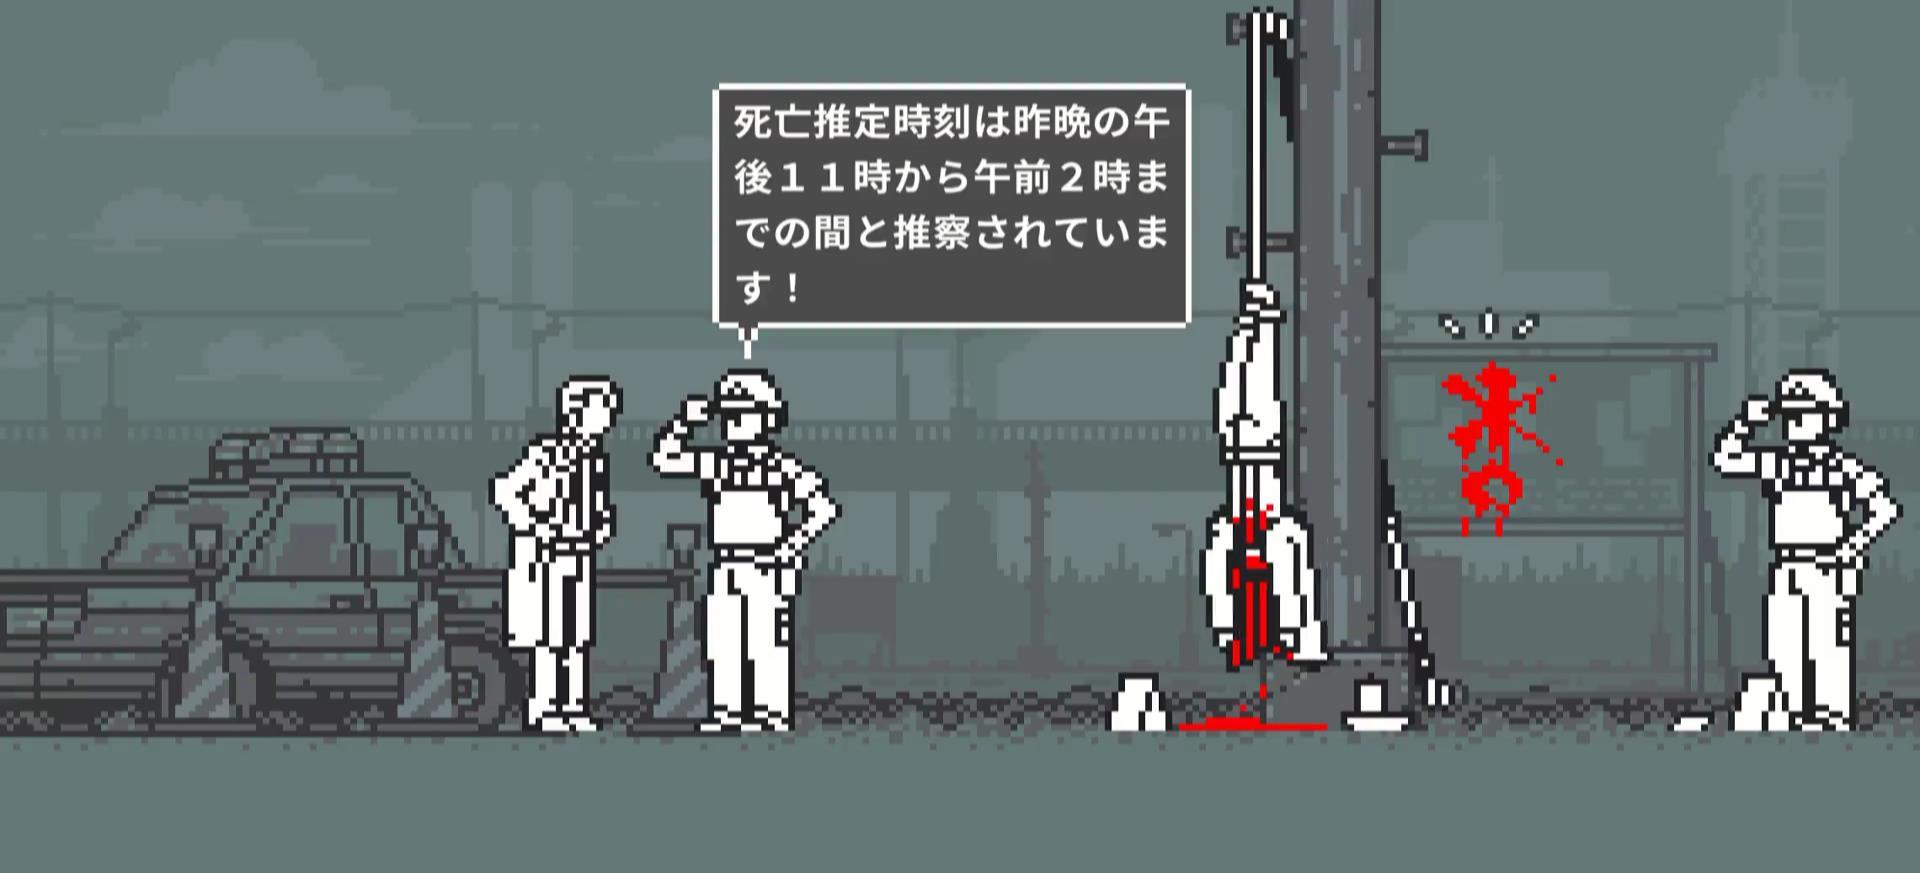 和階堂真の事件簿~処刑人の楔~ プレイイメージ